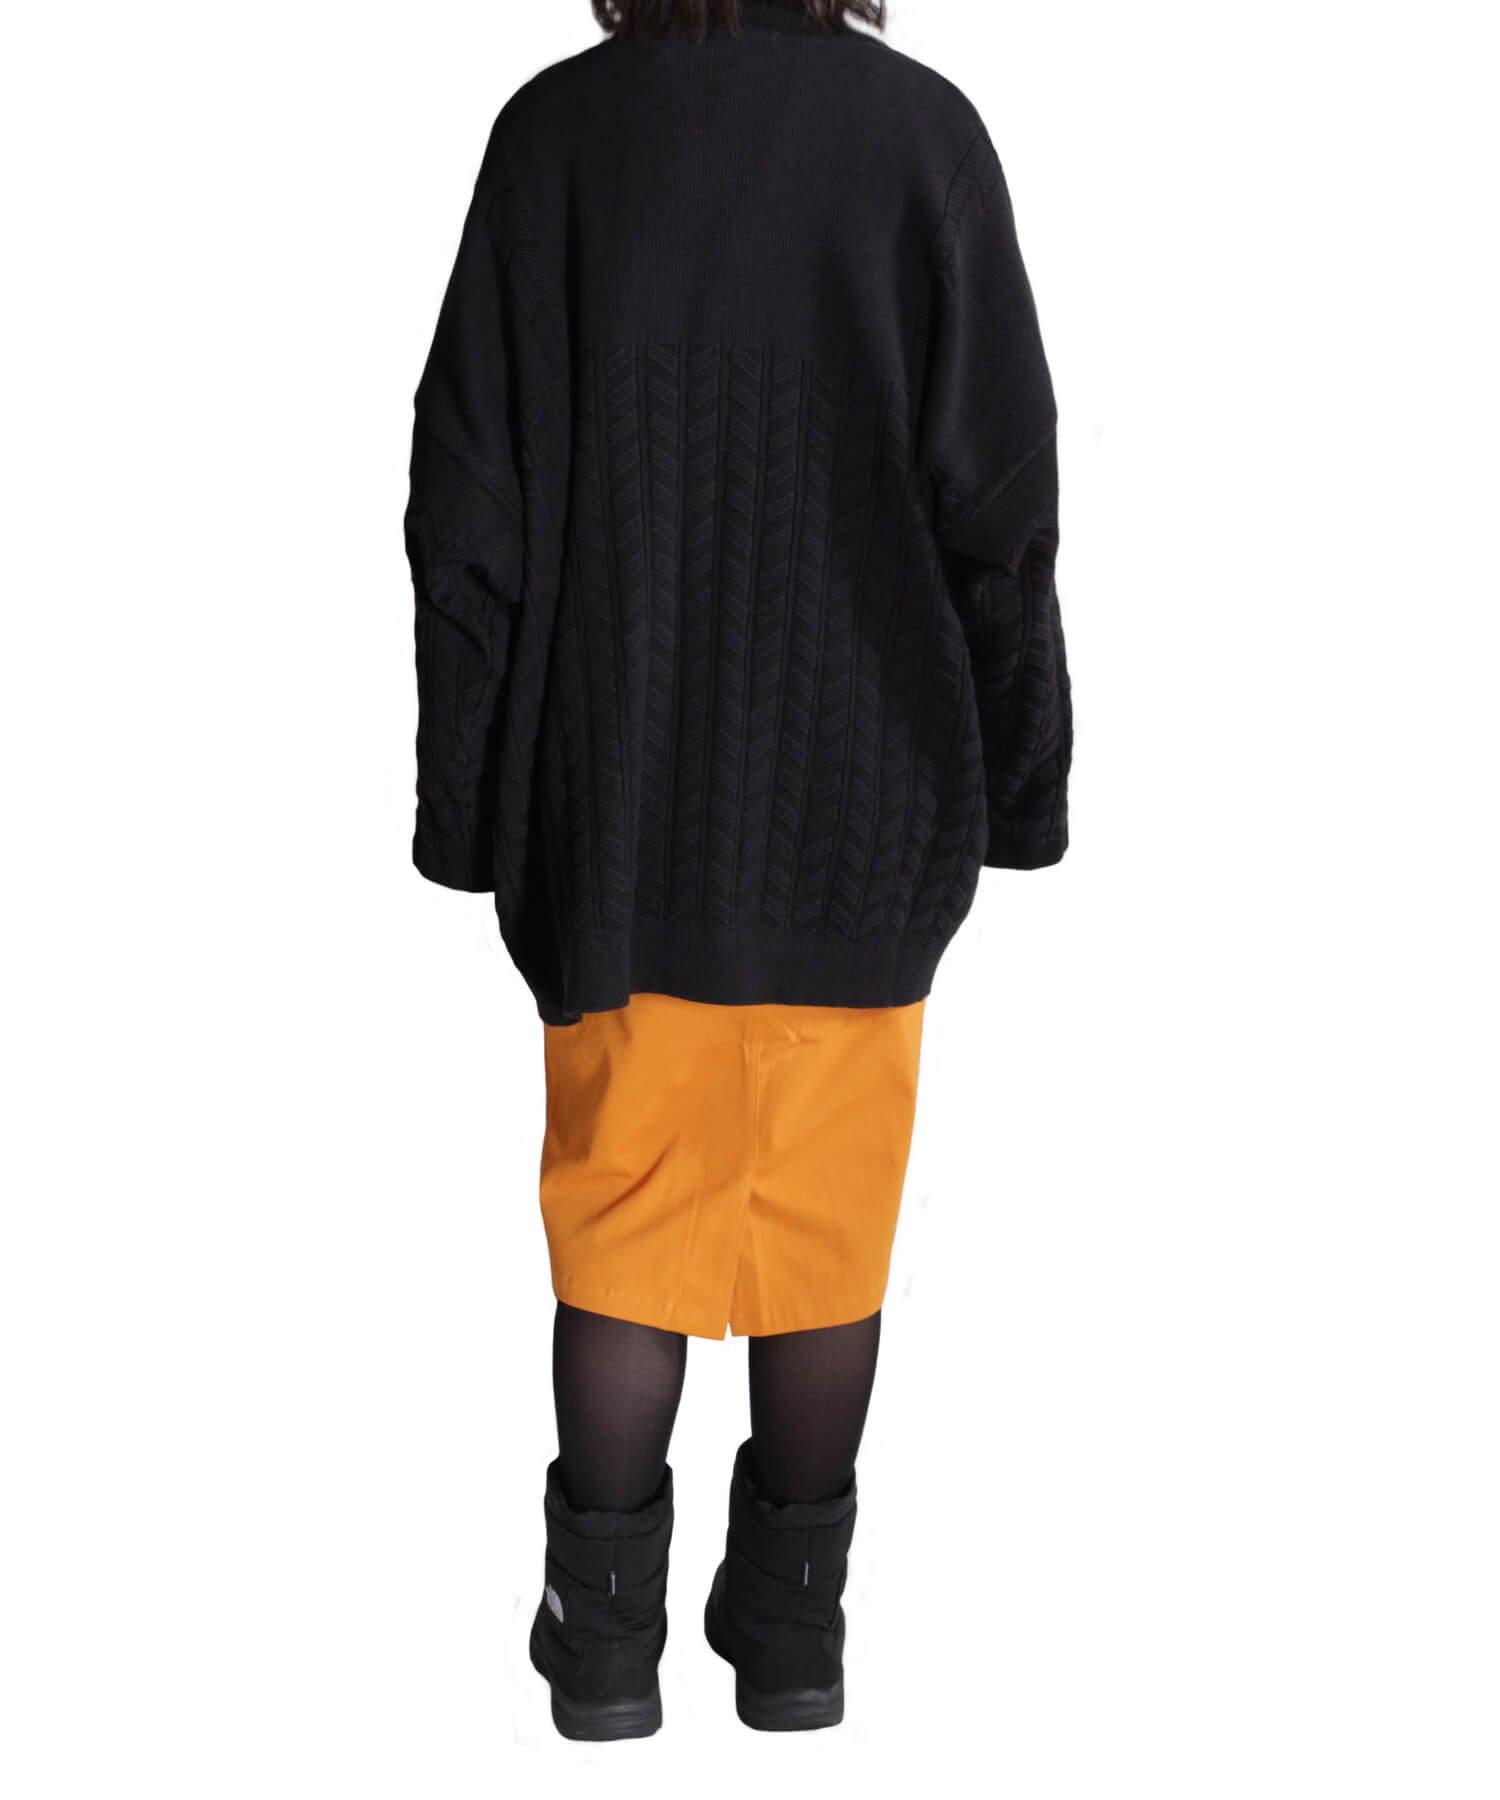 COOKMAN / クックマン   BAKER'S SKIRT (MUSTARD):ベイカーズスカート商品画像16